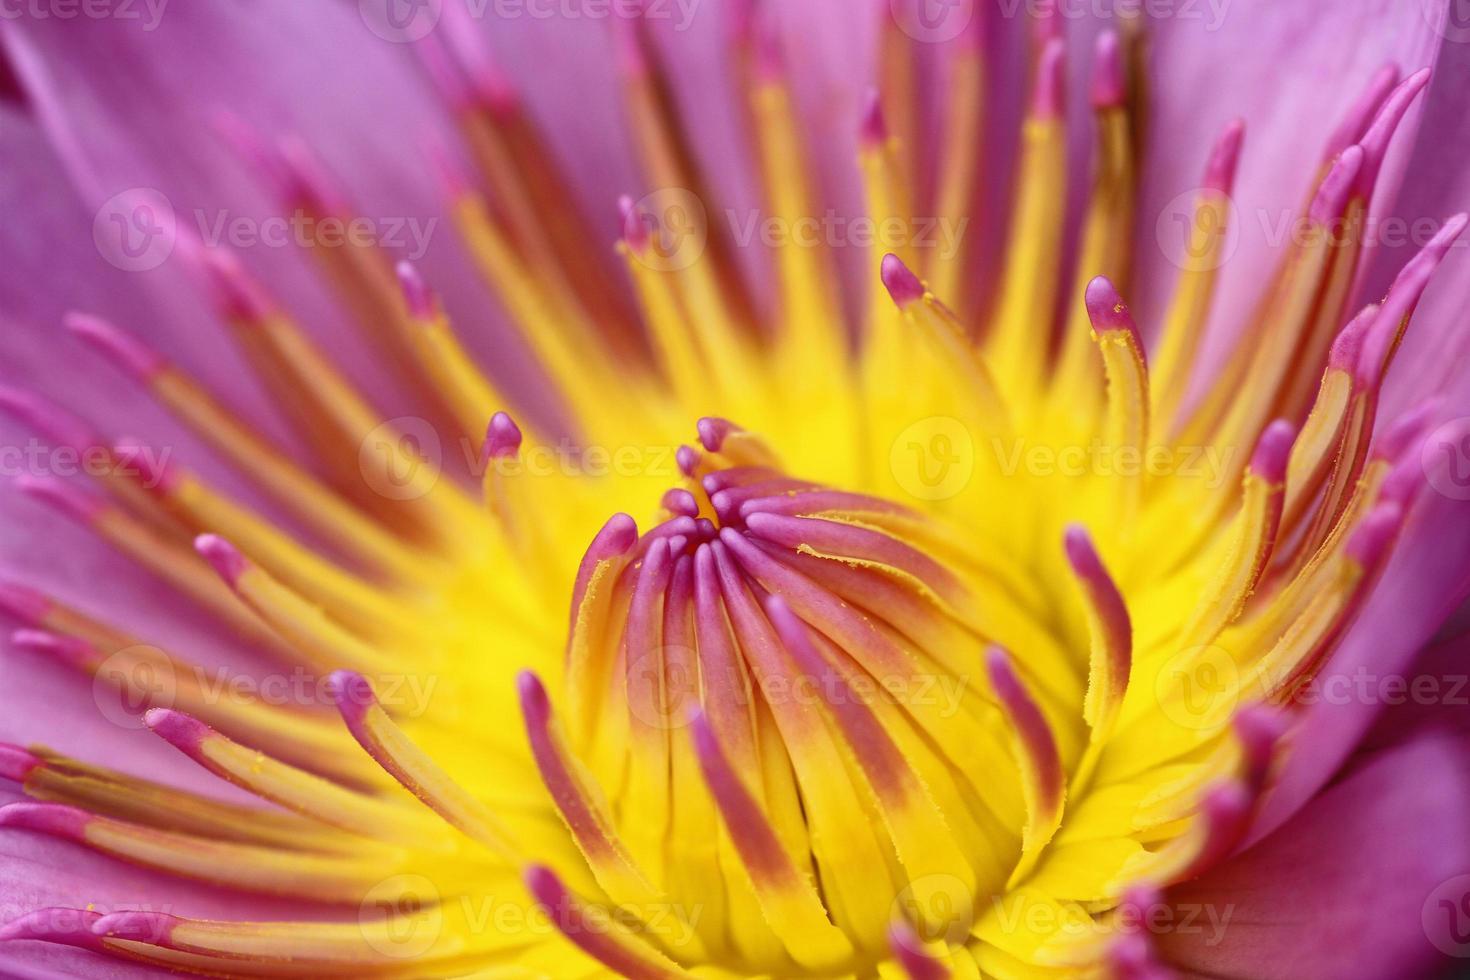 lotus i botanisk trädgård foto